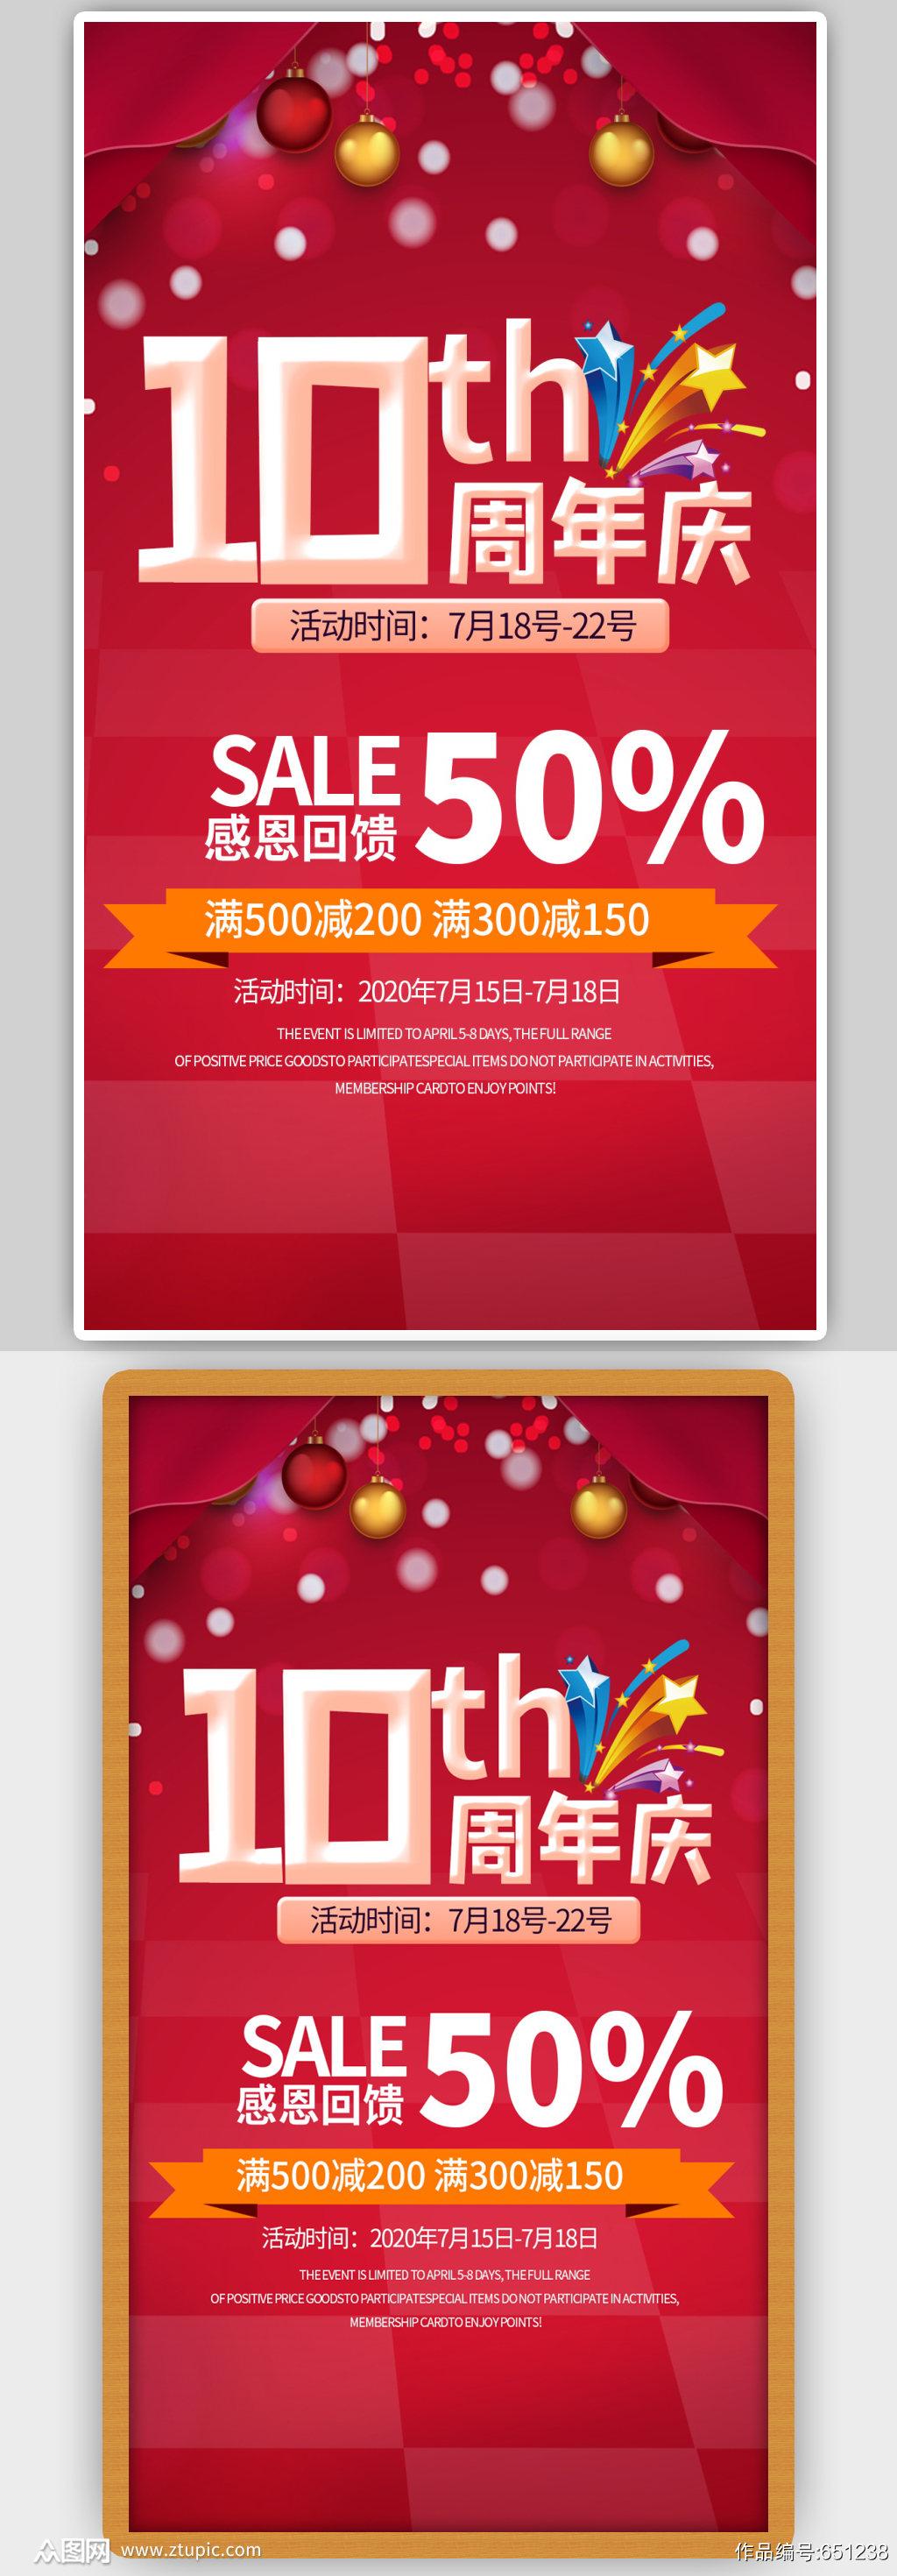 10十周年庆宣传海报周年回馈素材